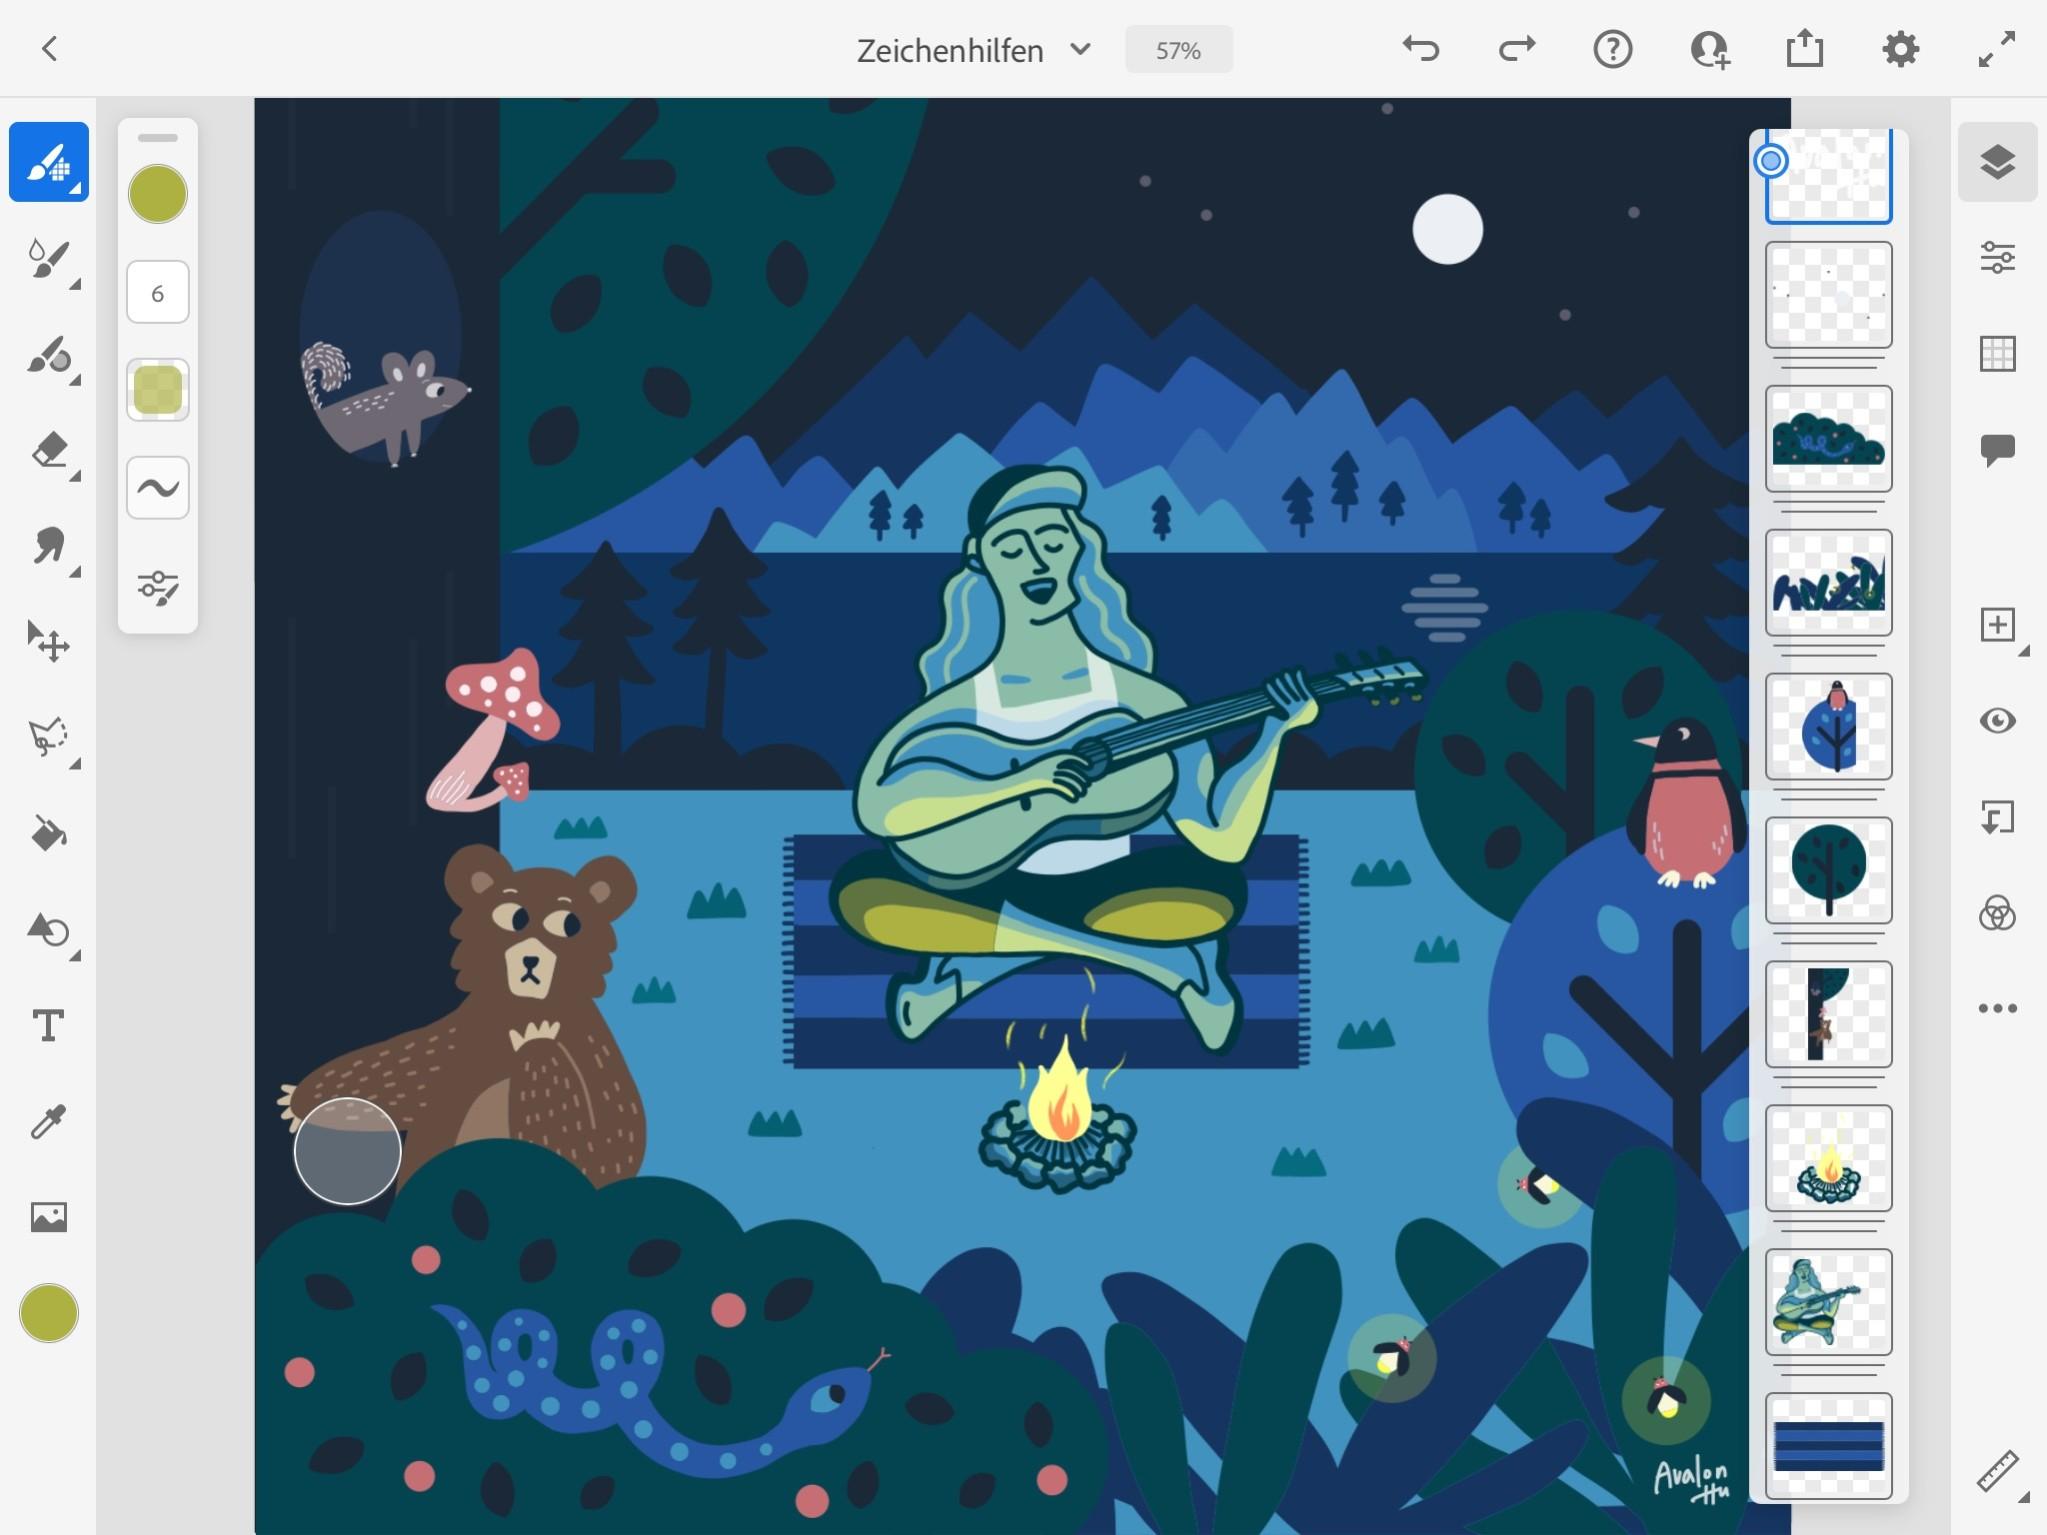 Screenshot 1 - Adobe Fresco (App für iPhone & iPad)